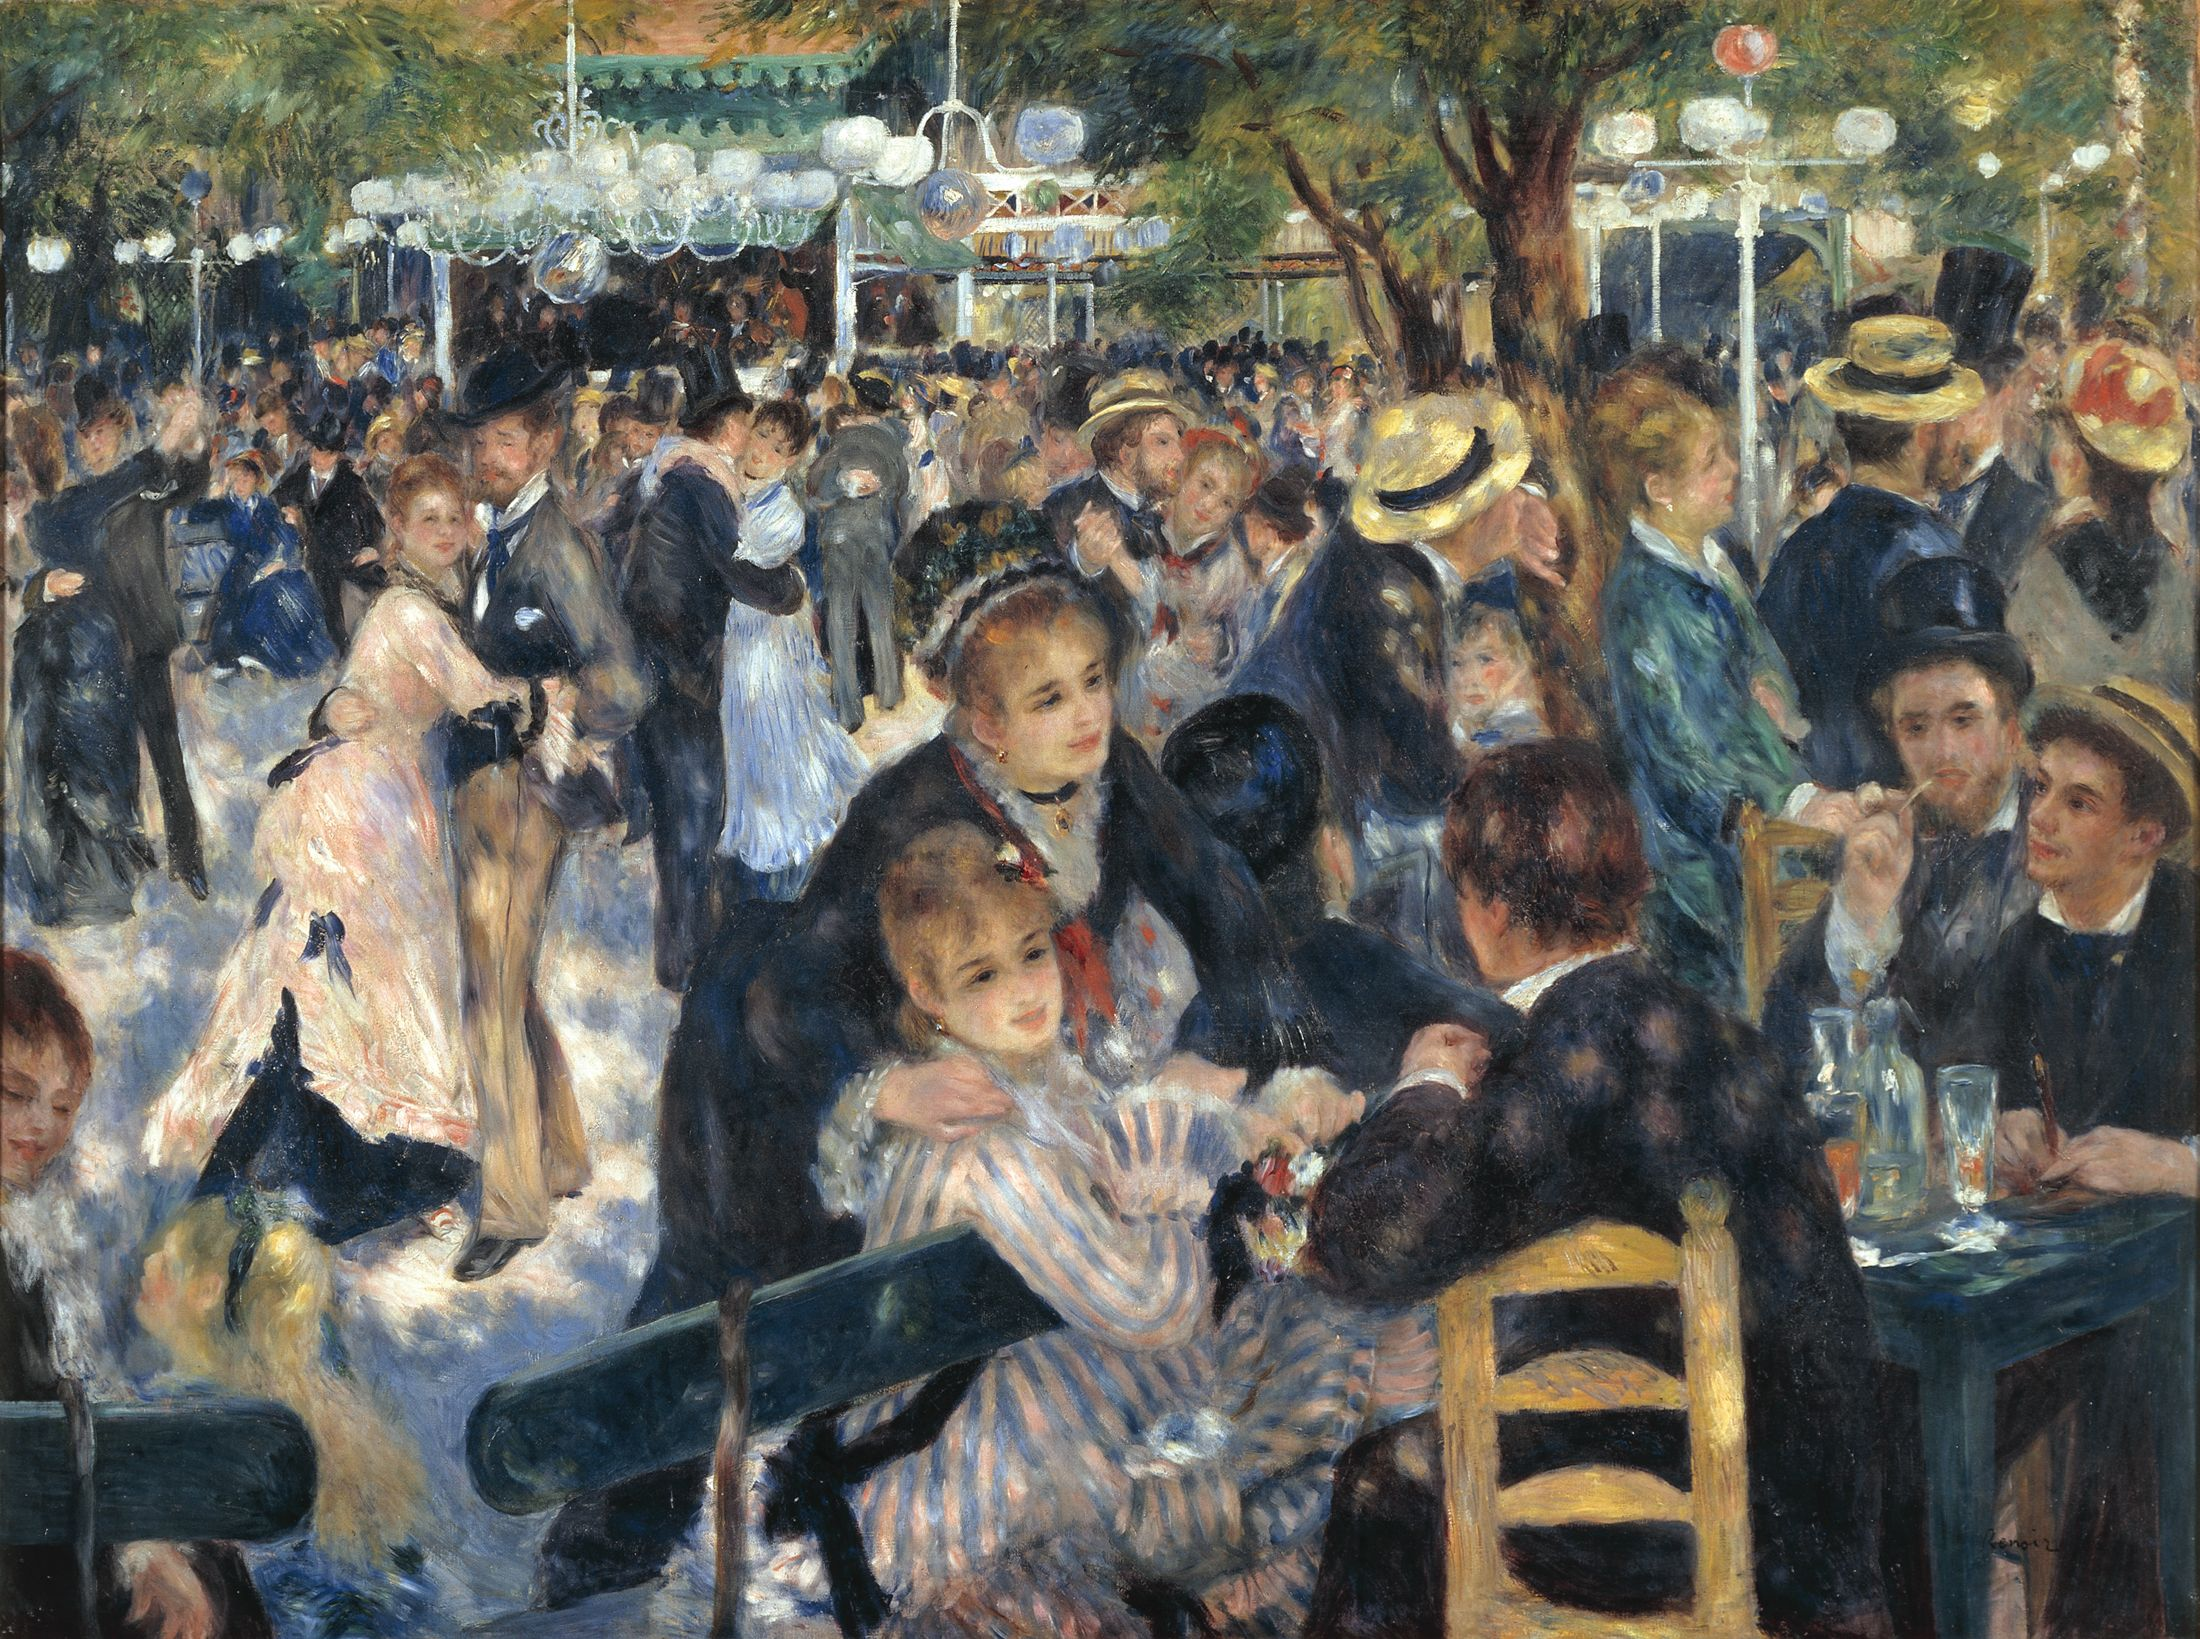 Pierre Auguste Renoir Le Moulin de la Galette